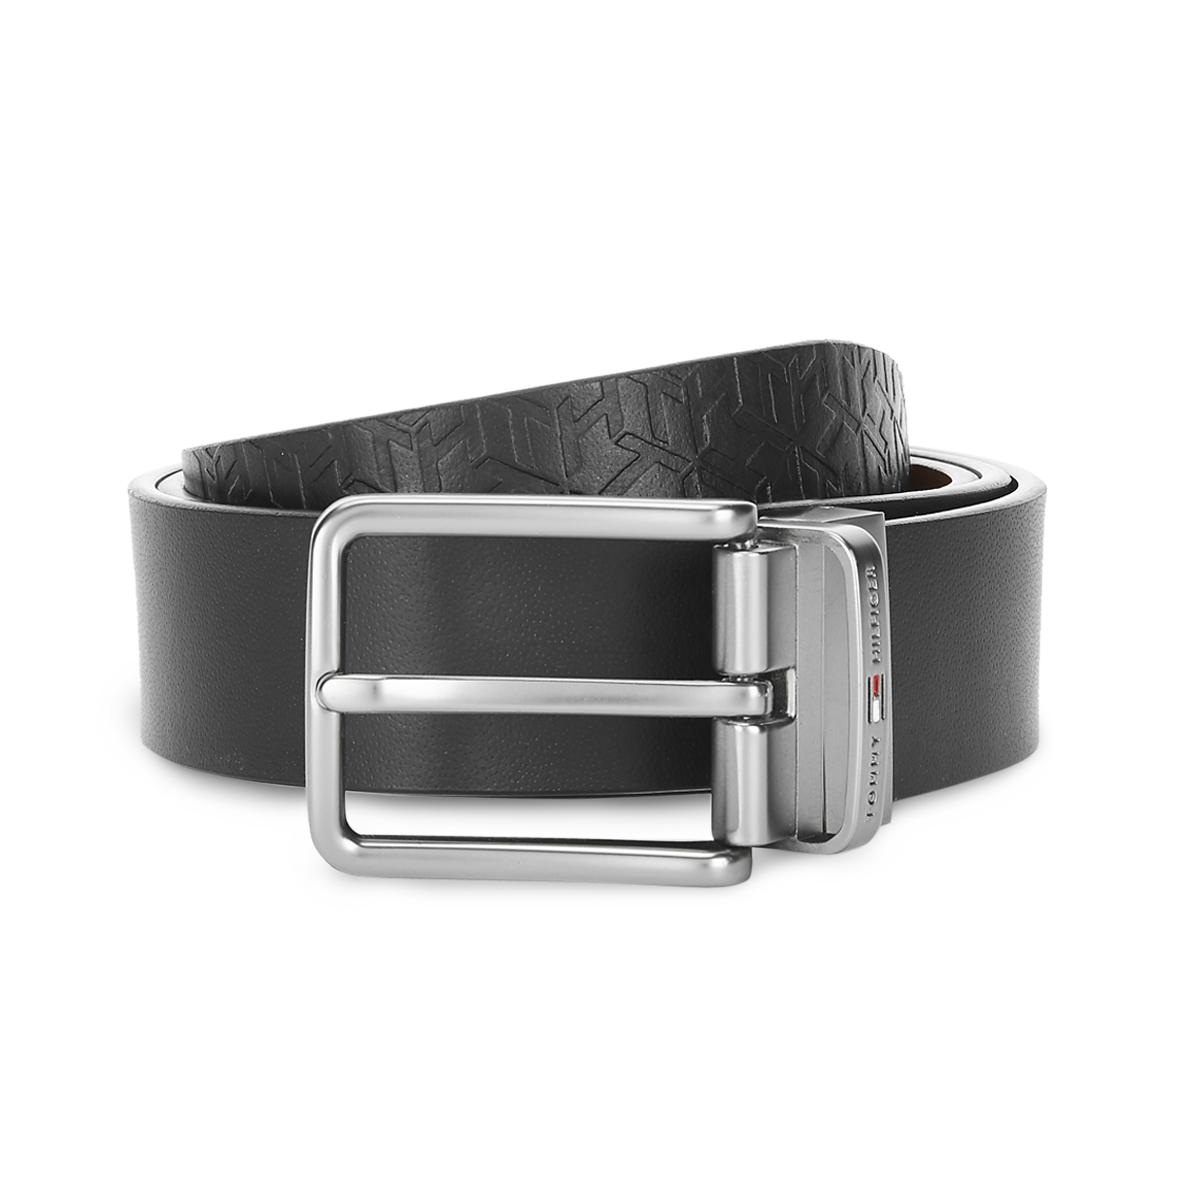 Tommy Hilfiger Leather Mens Solid Black/Tan Brentwood Reversible Belt